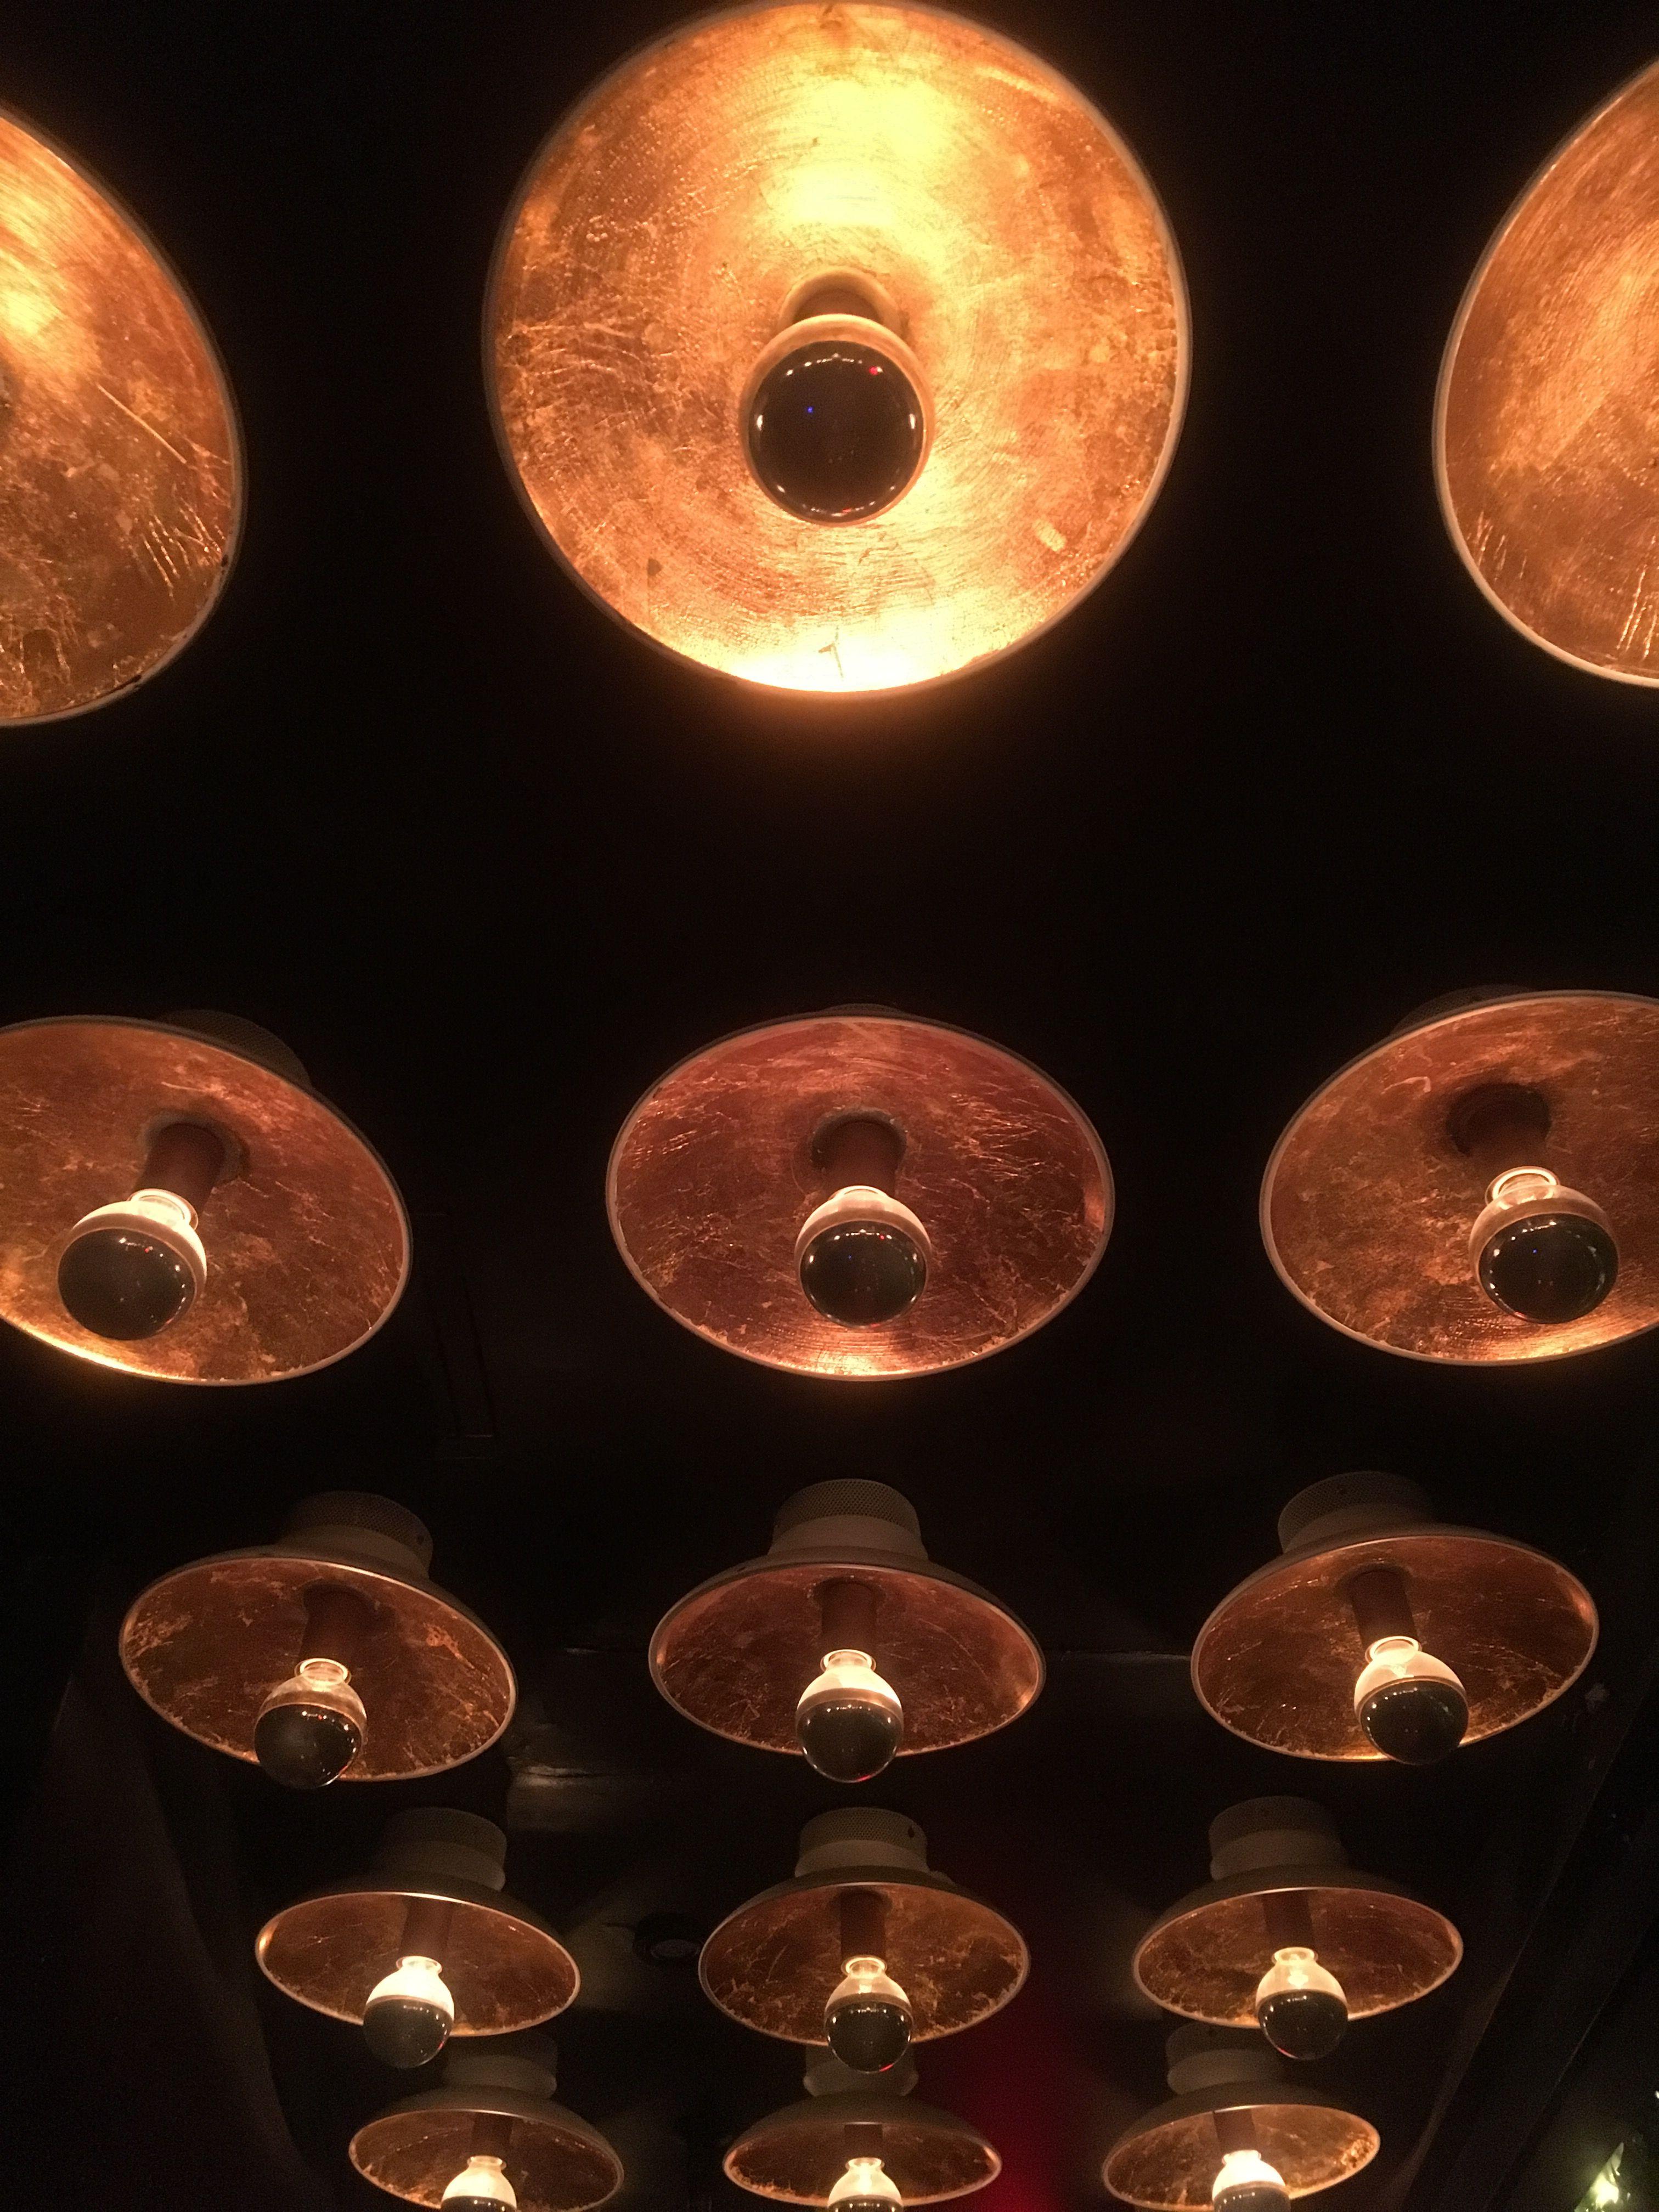 La luz es una vez mas la razón que le otorga a una imagen características pictóricas, pero en este caso es debido a que visibiliza las texturas y el contraste presente en cada una de las lamparas de este techo. La composición un poco estructurada contrasta nuevamente con la variedad tonal y lumínica de la imagen.